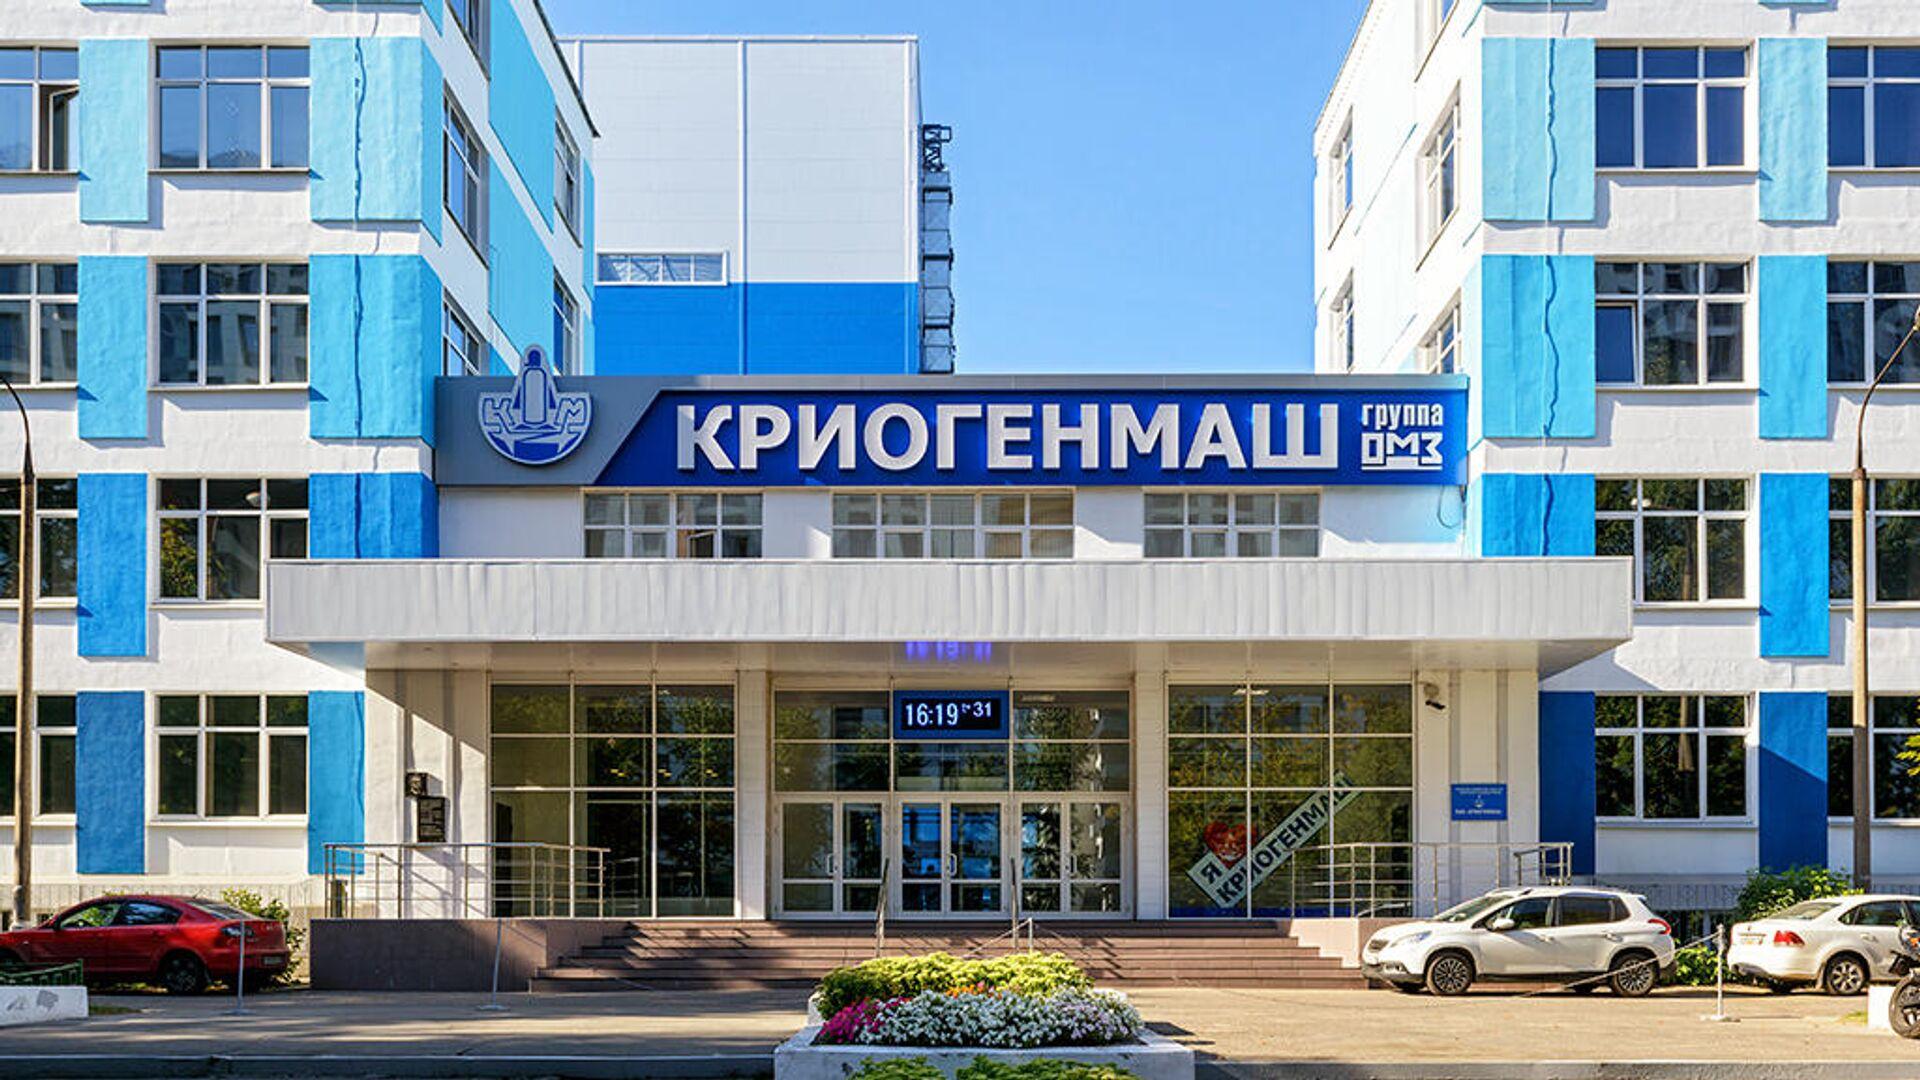 Здание ПАО Криогенмаш - РИА Новости, 1920, 17.09.2020